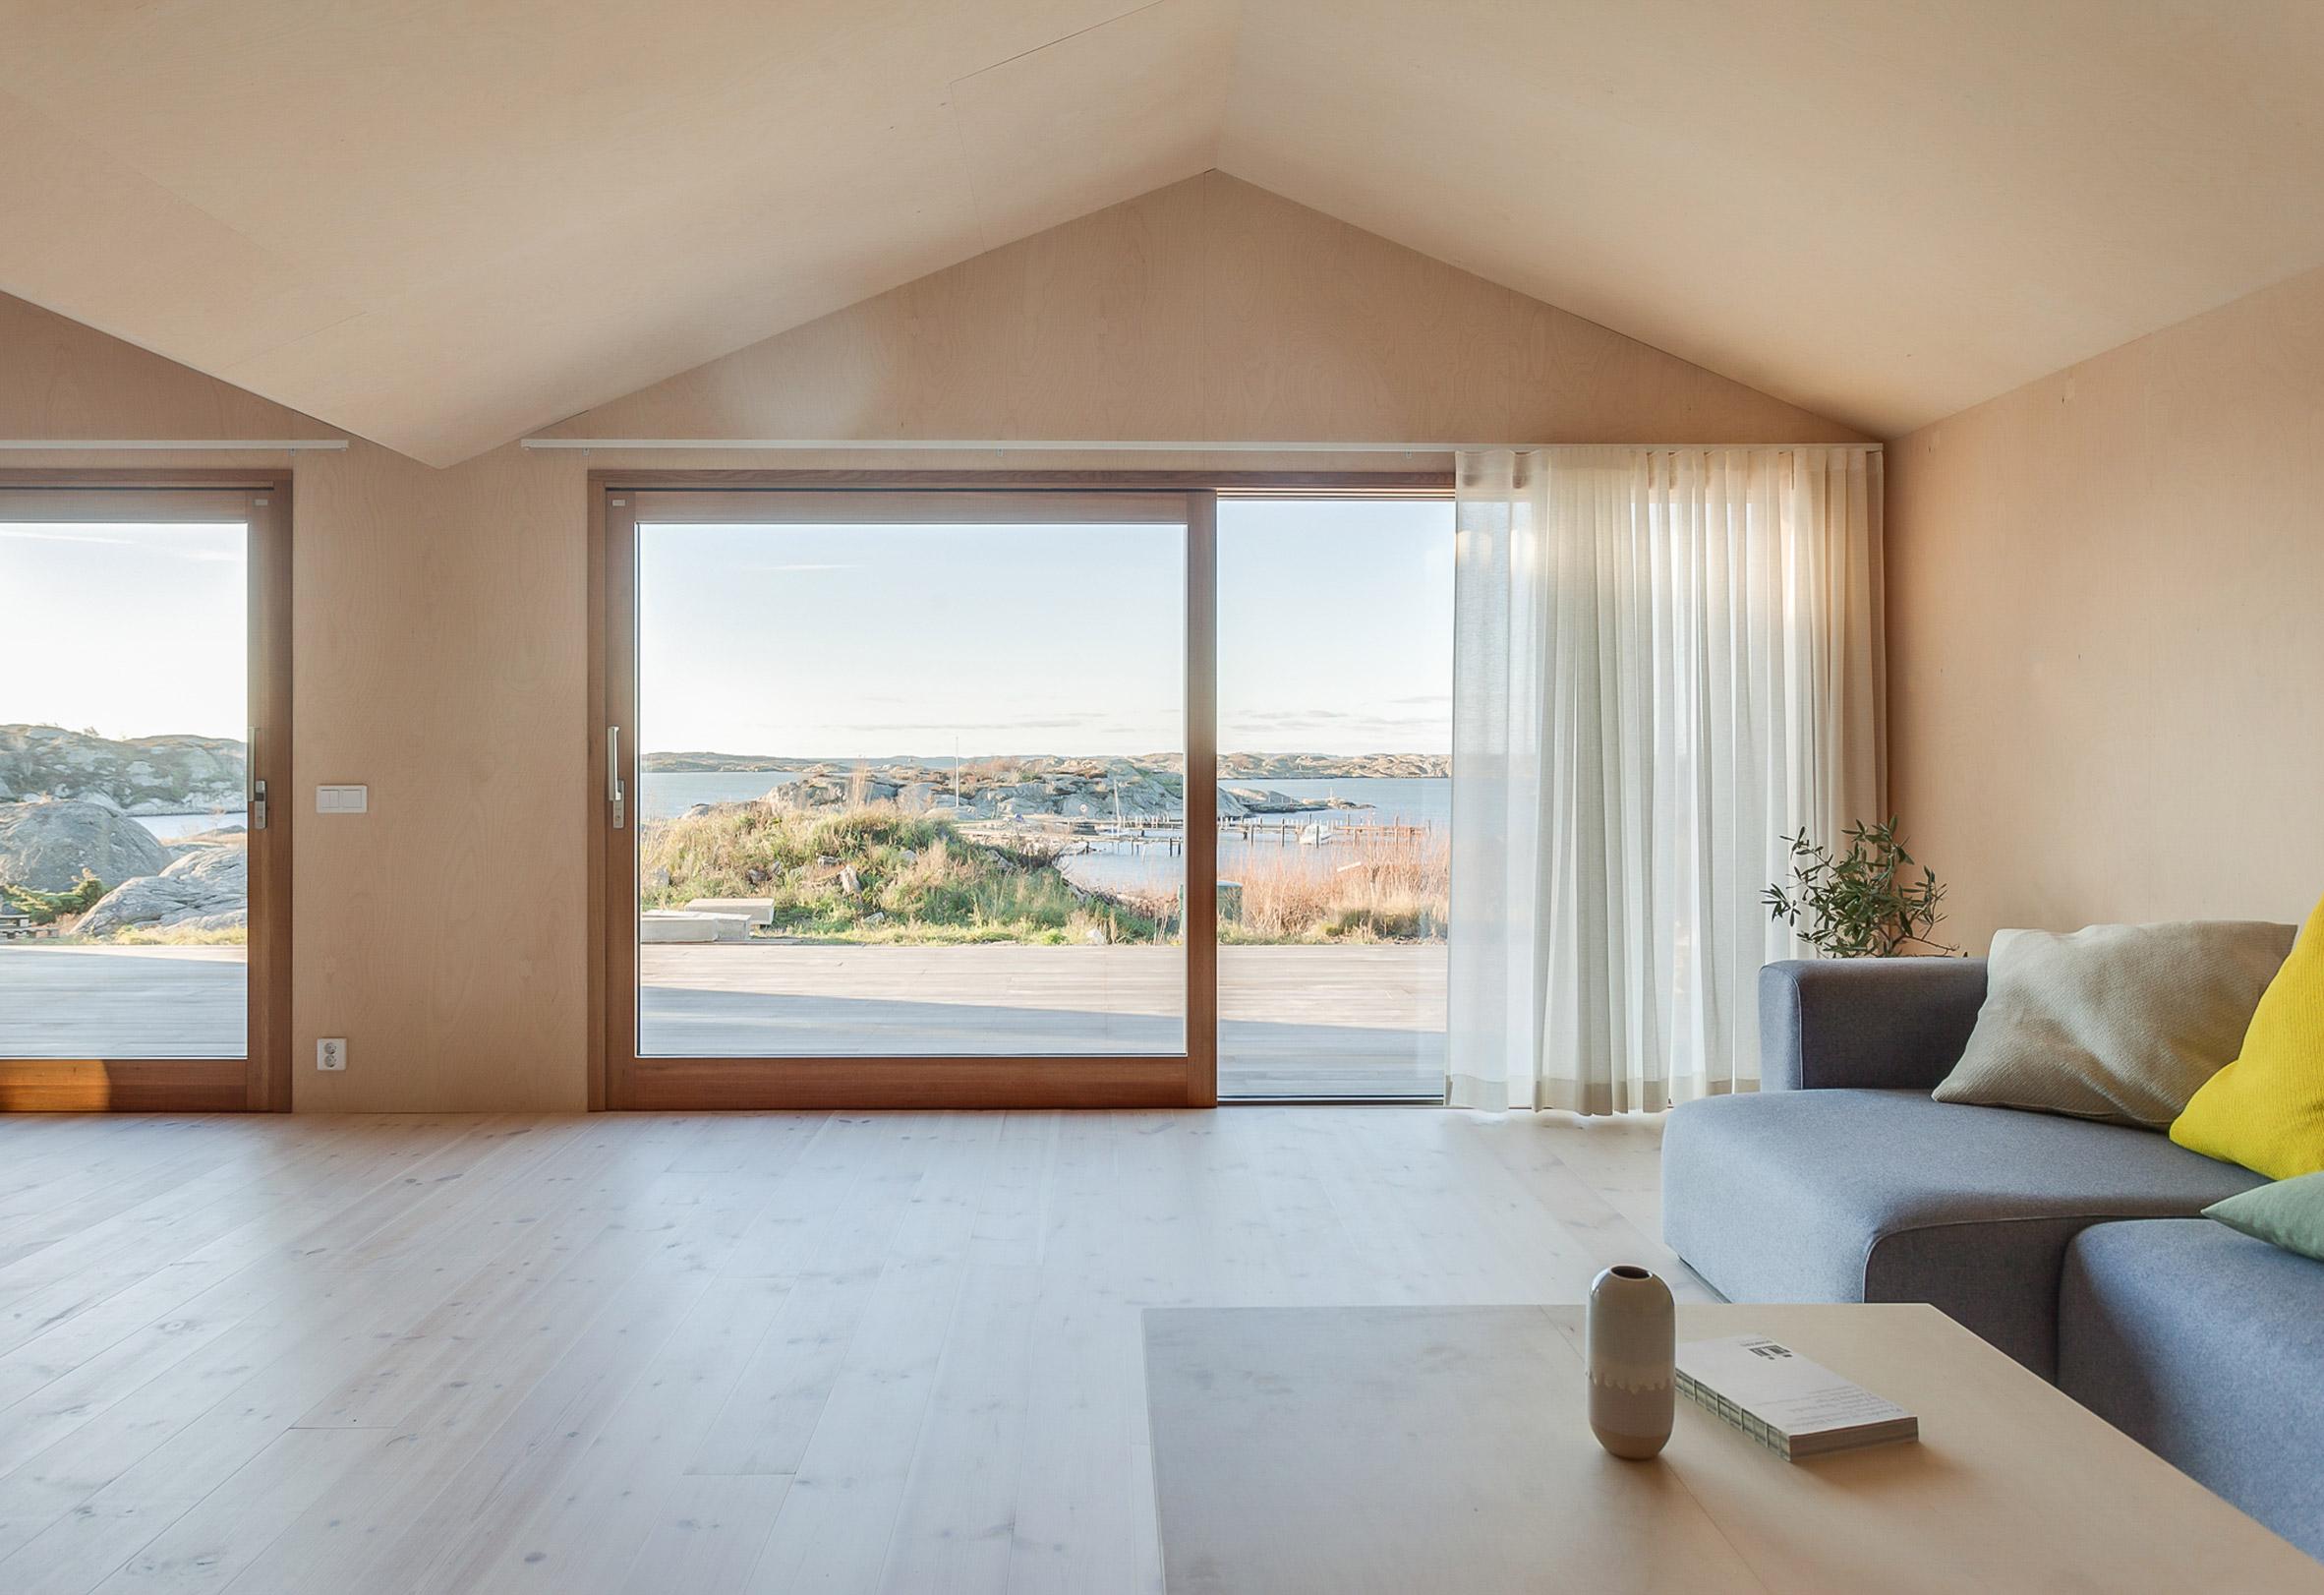 Villa Vassdal on the archipelago of Gothenburg by Studio Holmberg